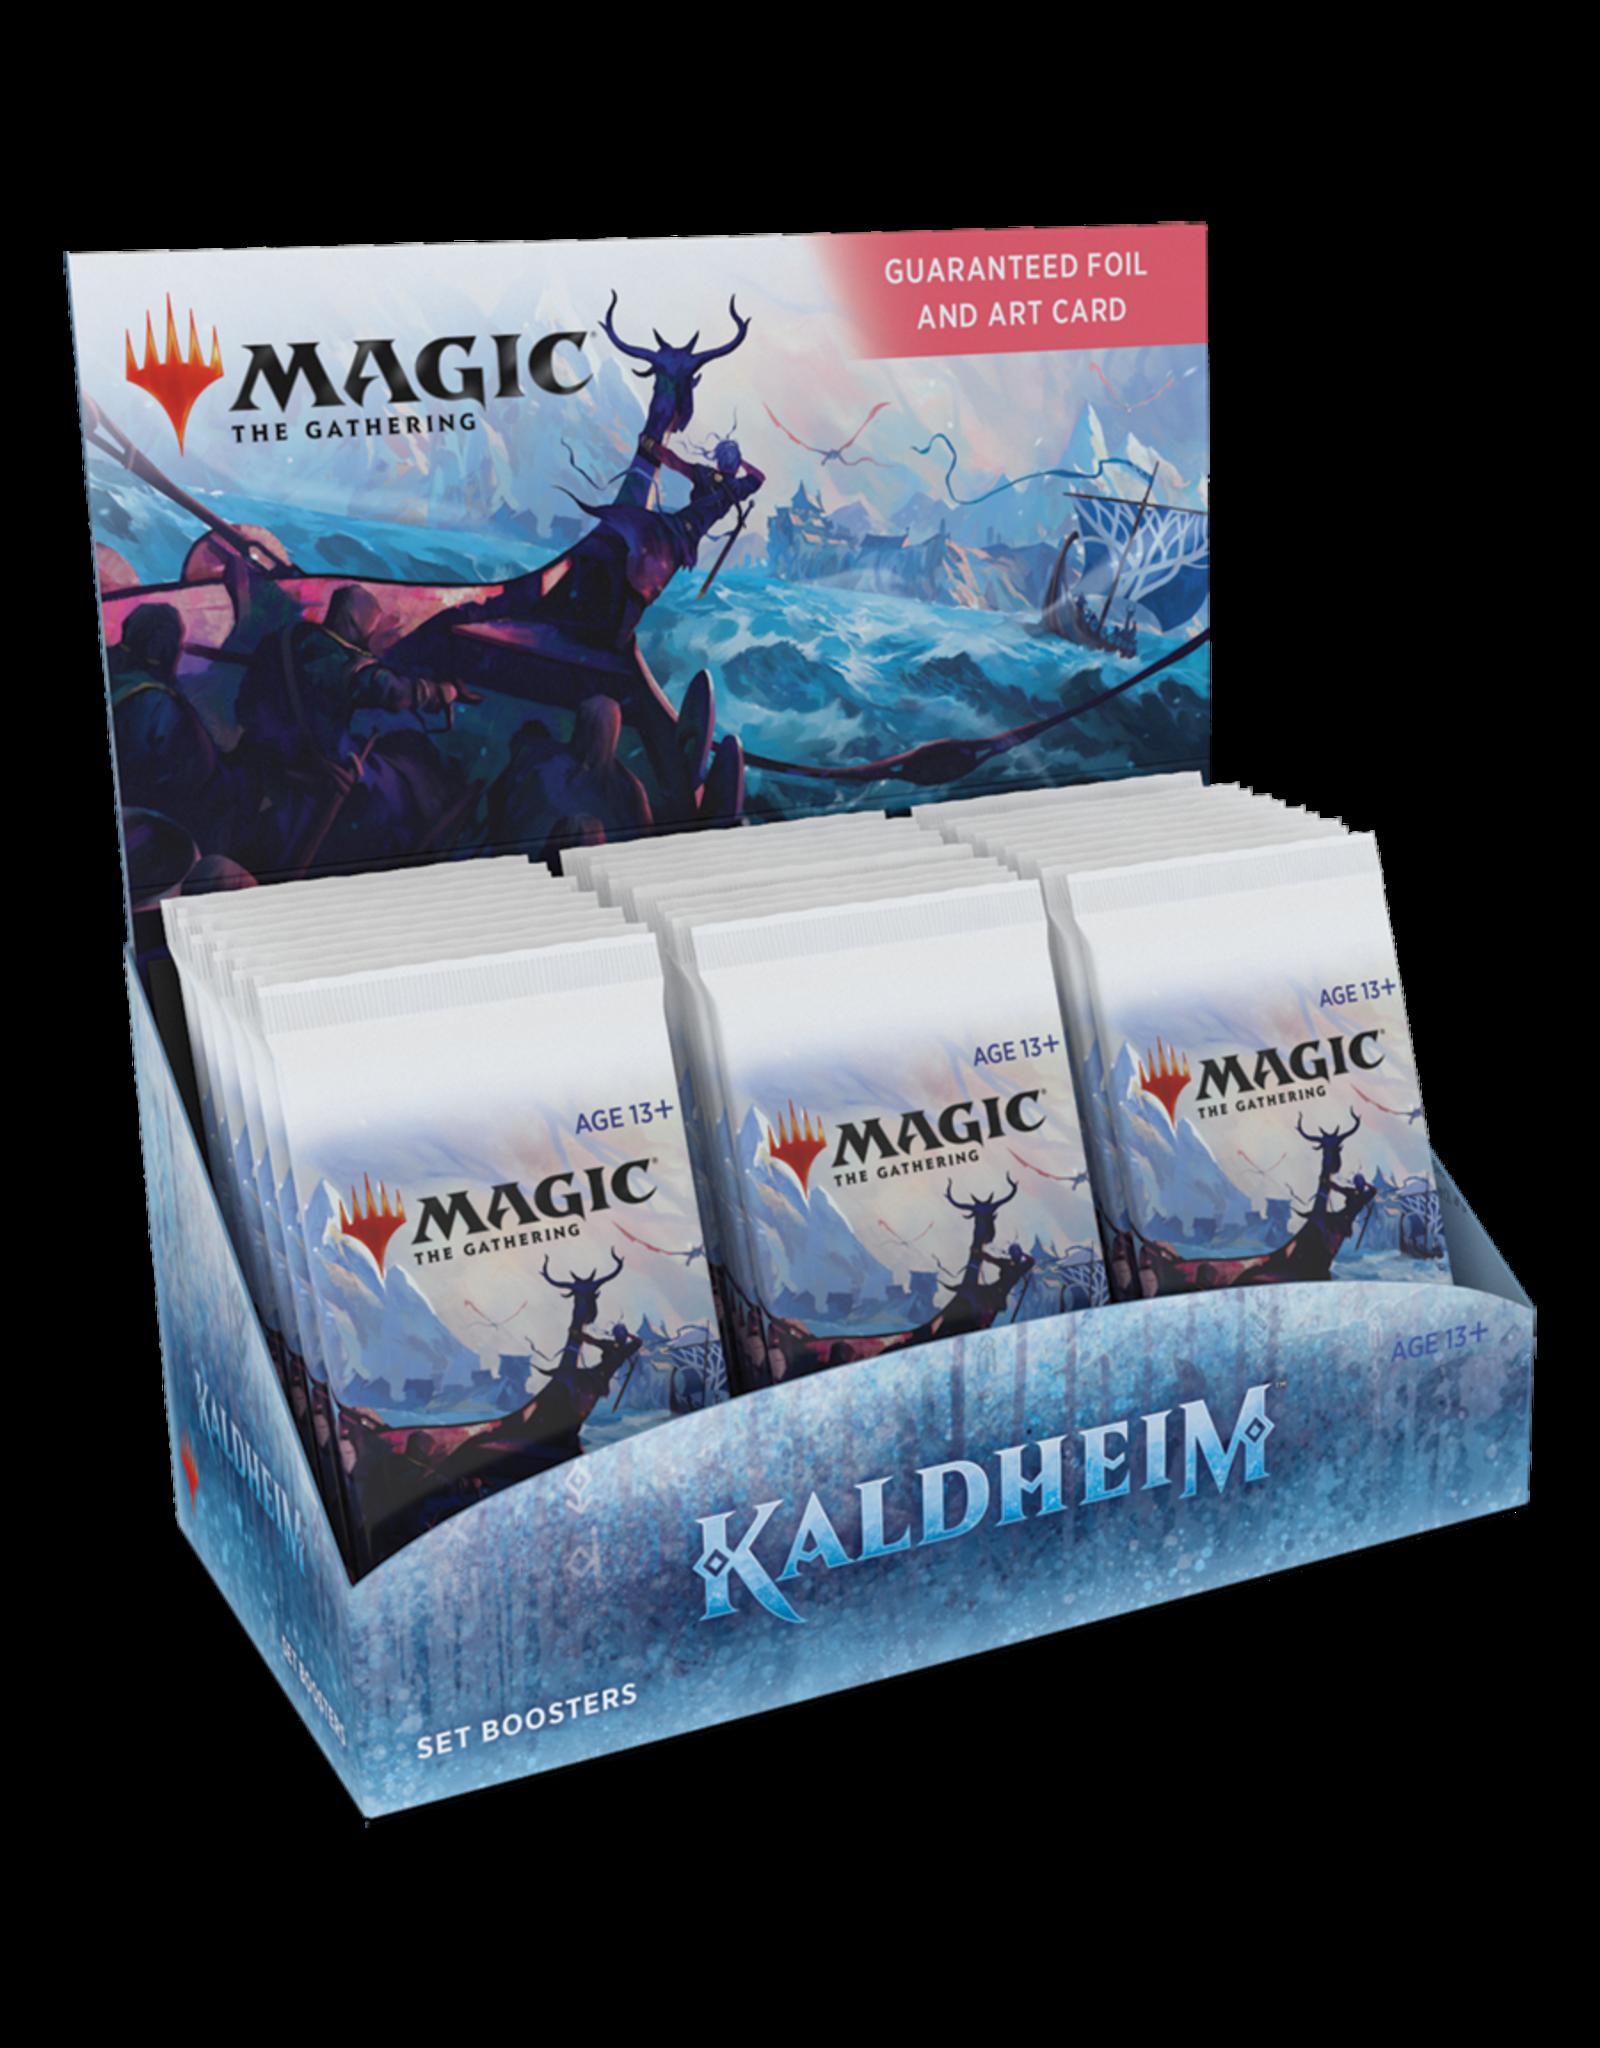 Magic: The Gathering Kaldheim - Set Booster Display